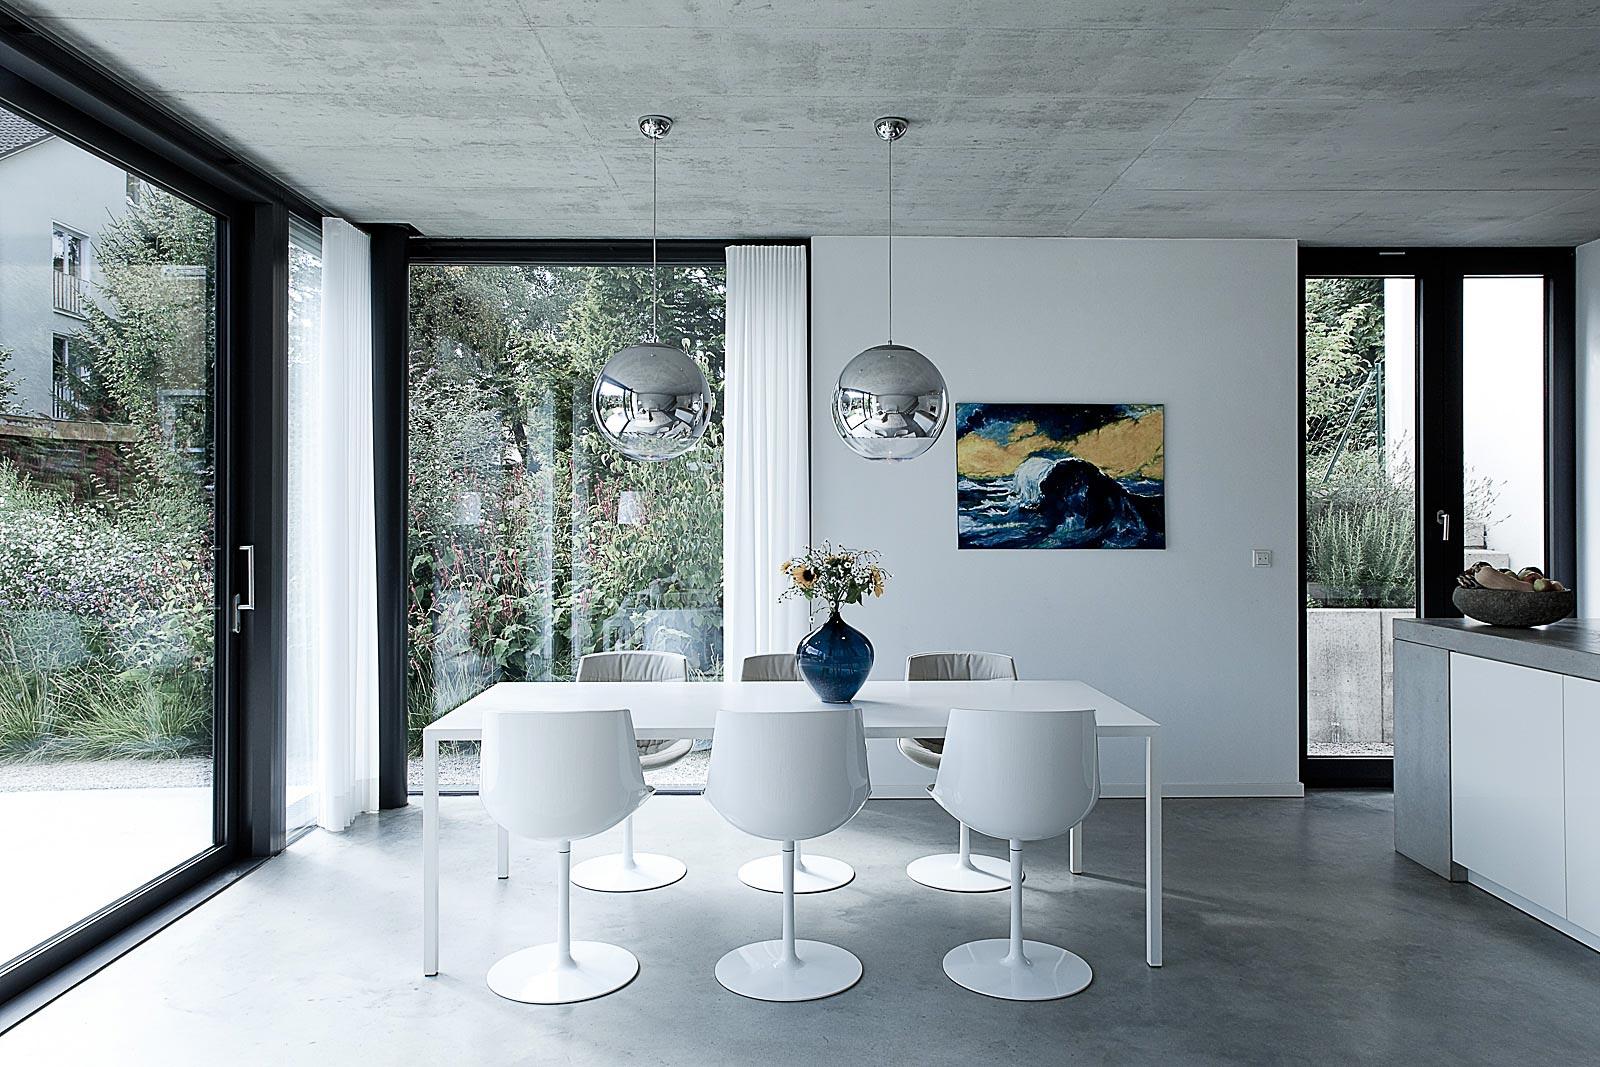 Architekturfotograf Einfamilienhaus, Kutschker & Leischner Architekten, Architekturfotografie Gabriel Büchelmeier